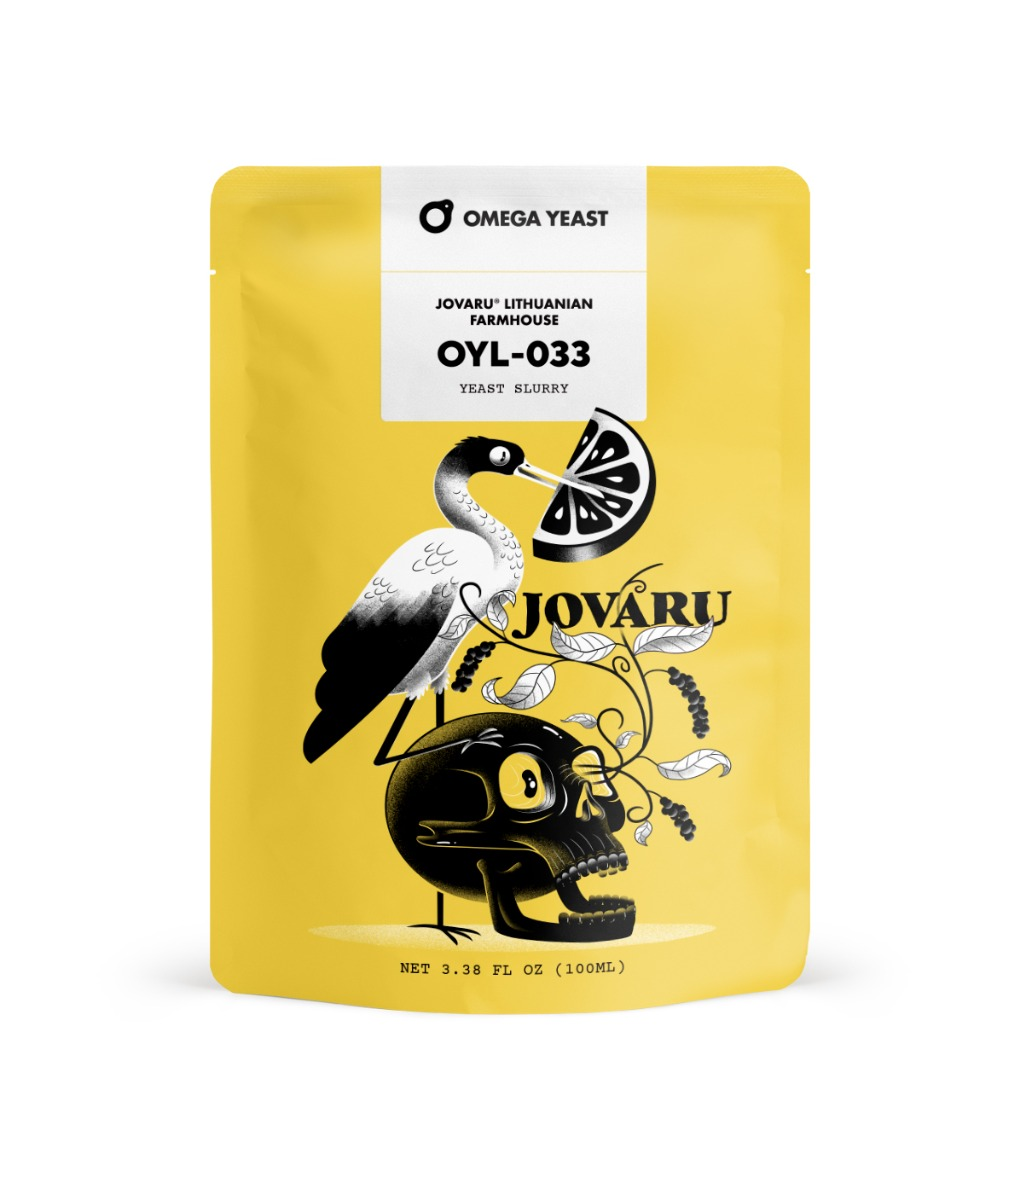 Omega Yeast OYL-033 Jovaru Yeast